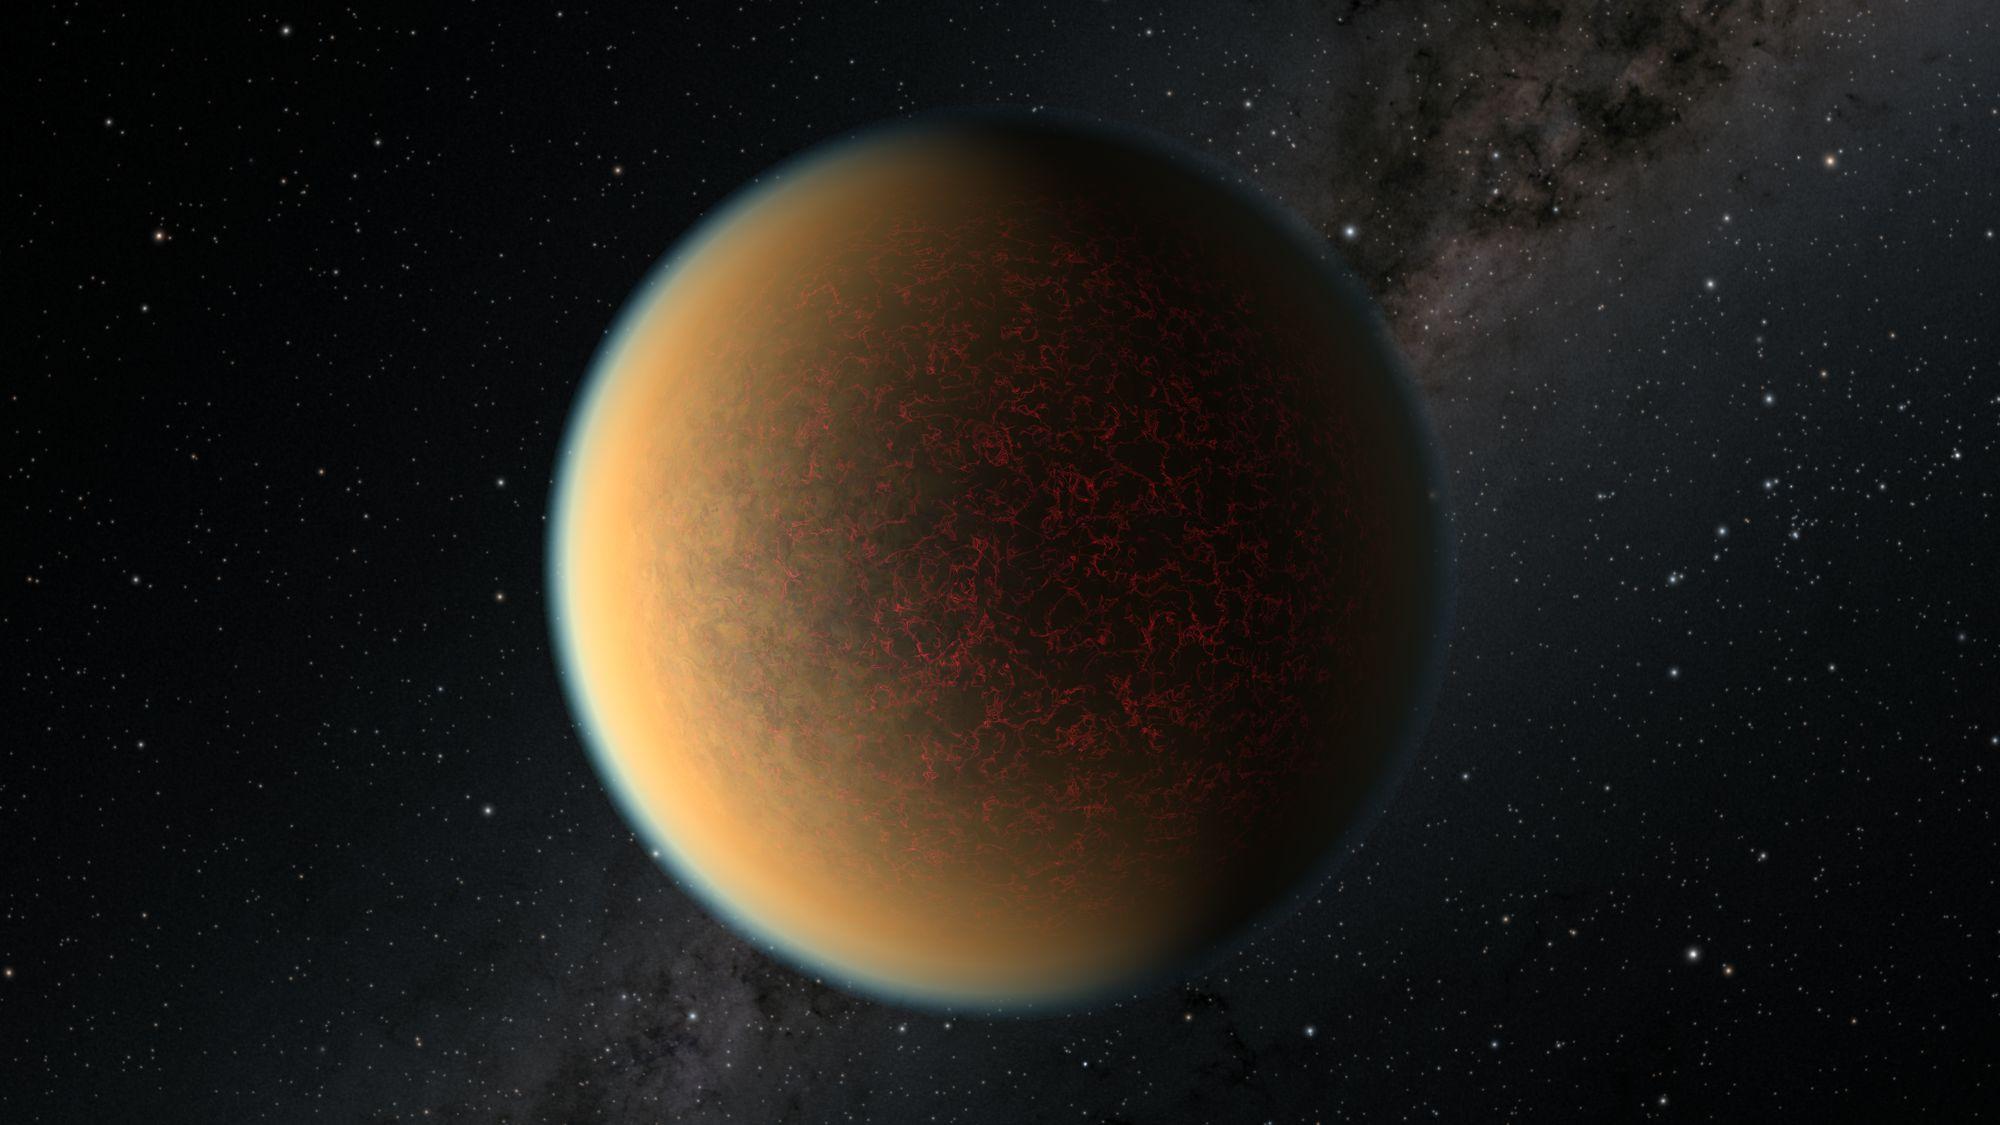 太陽系外惑星「GJ 1132 b」に見る第二の大気(✍HIDA)